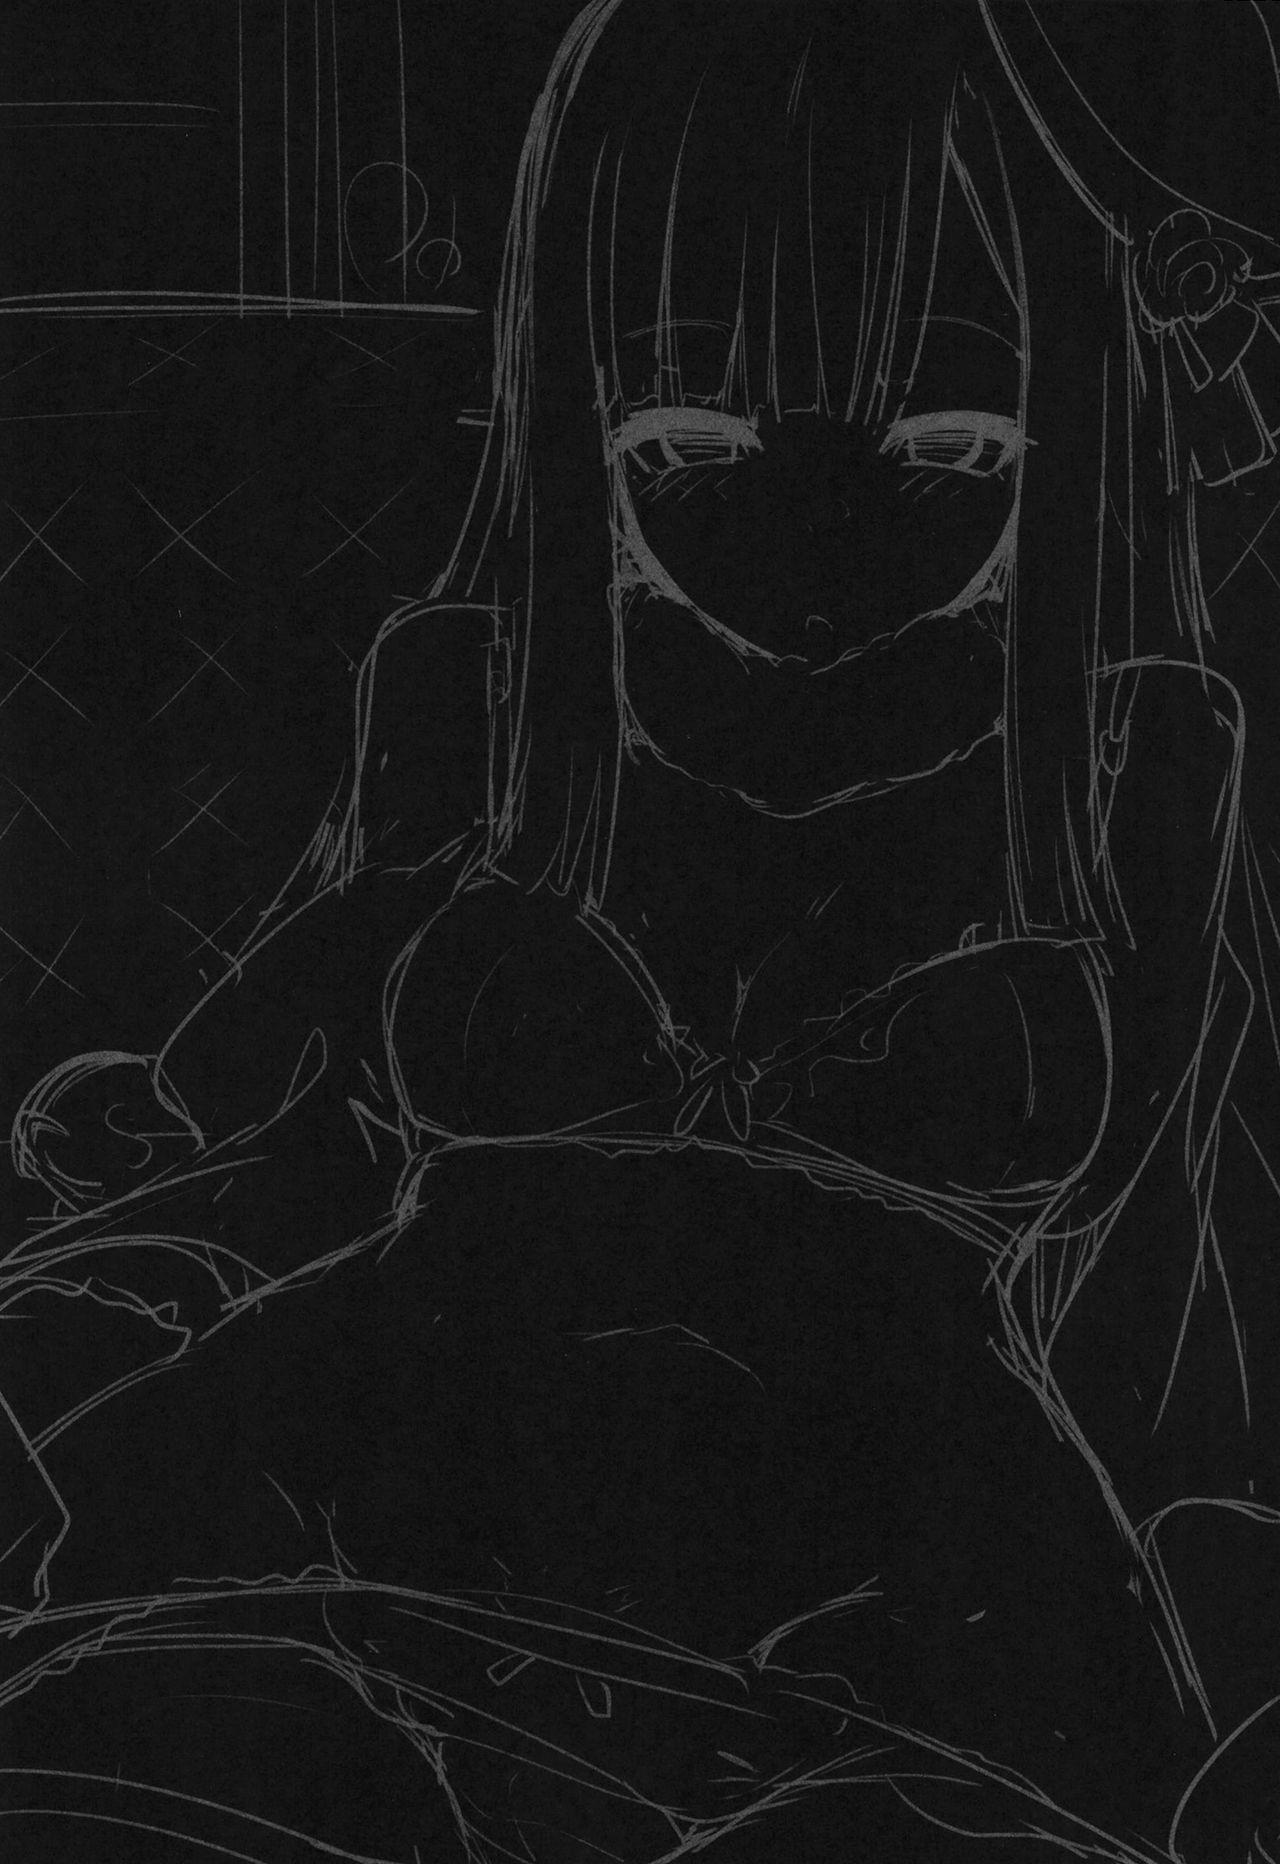 Neoki no Shishou wa Tonikaku Eroi | 剛睡起的師傅就是H 3